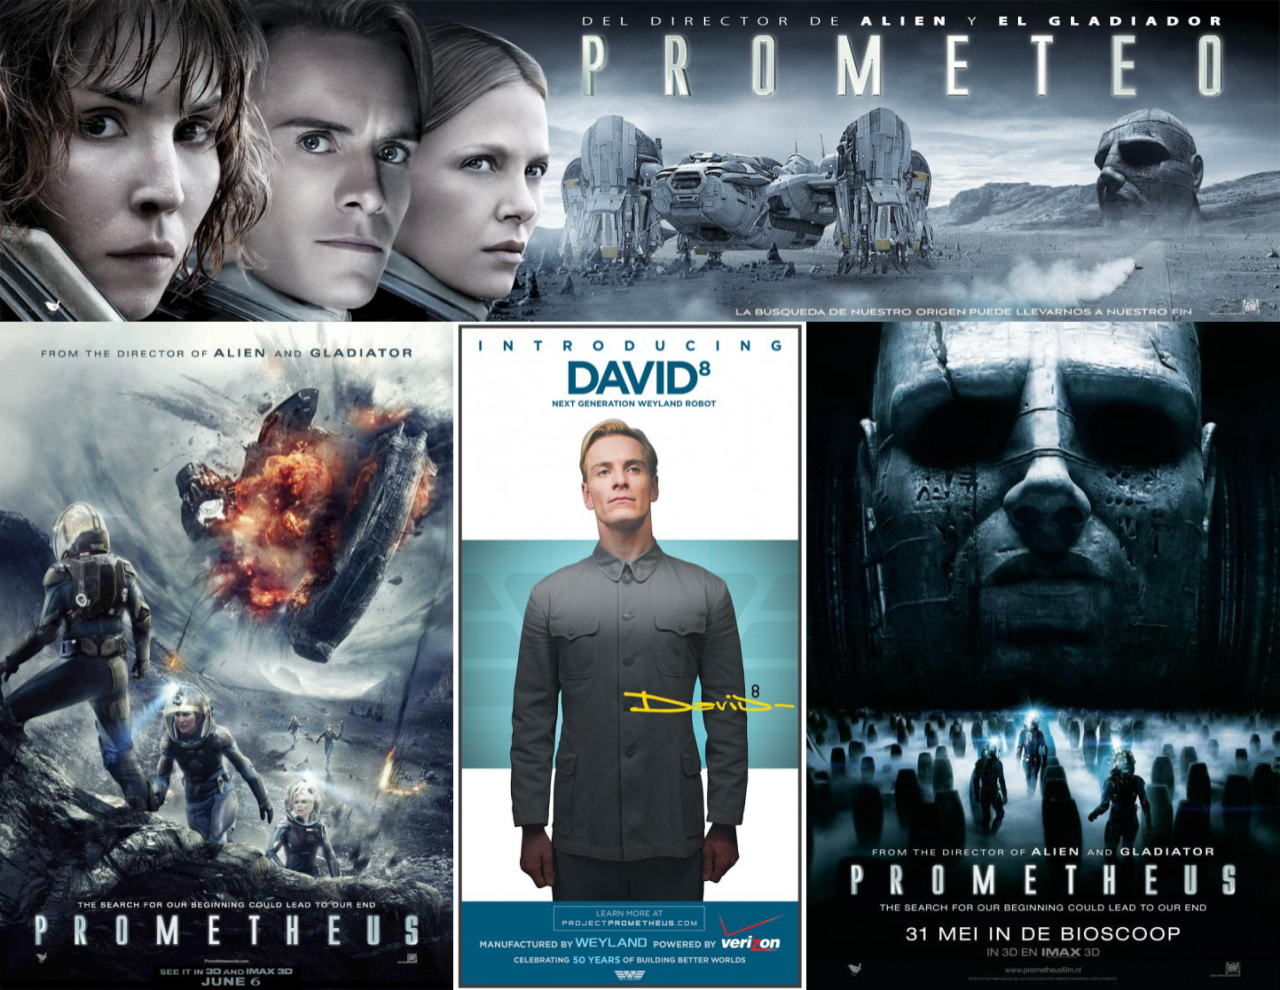 映画『プロメテウス PROMETHEUS』ポスター(8) ▼ポスター画像クリックで拡大します。